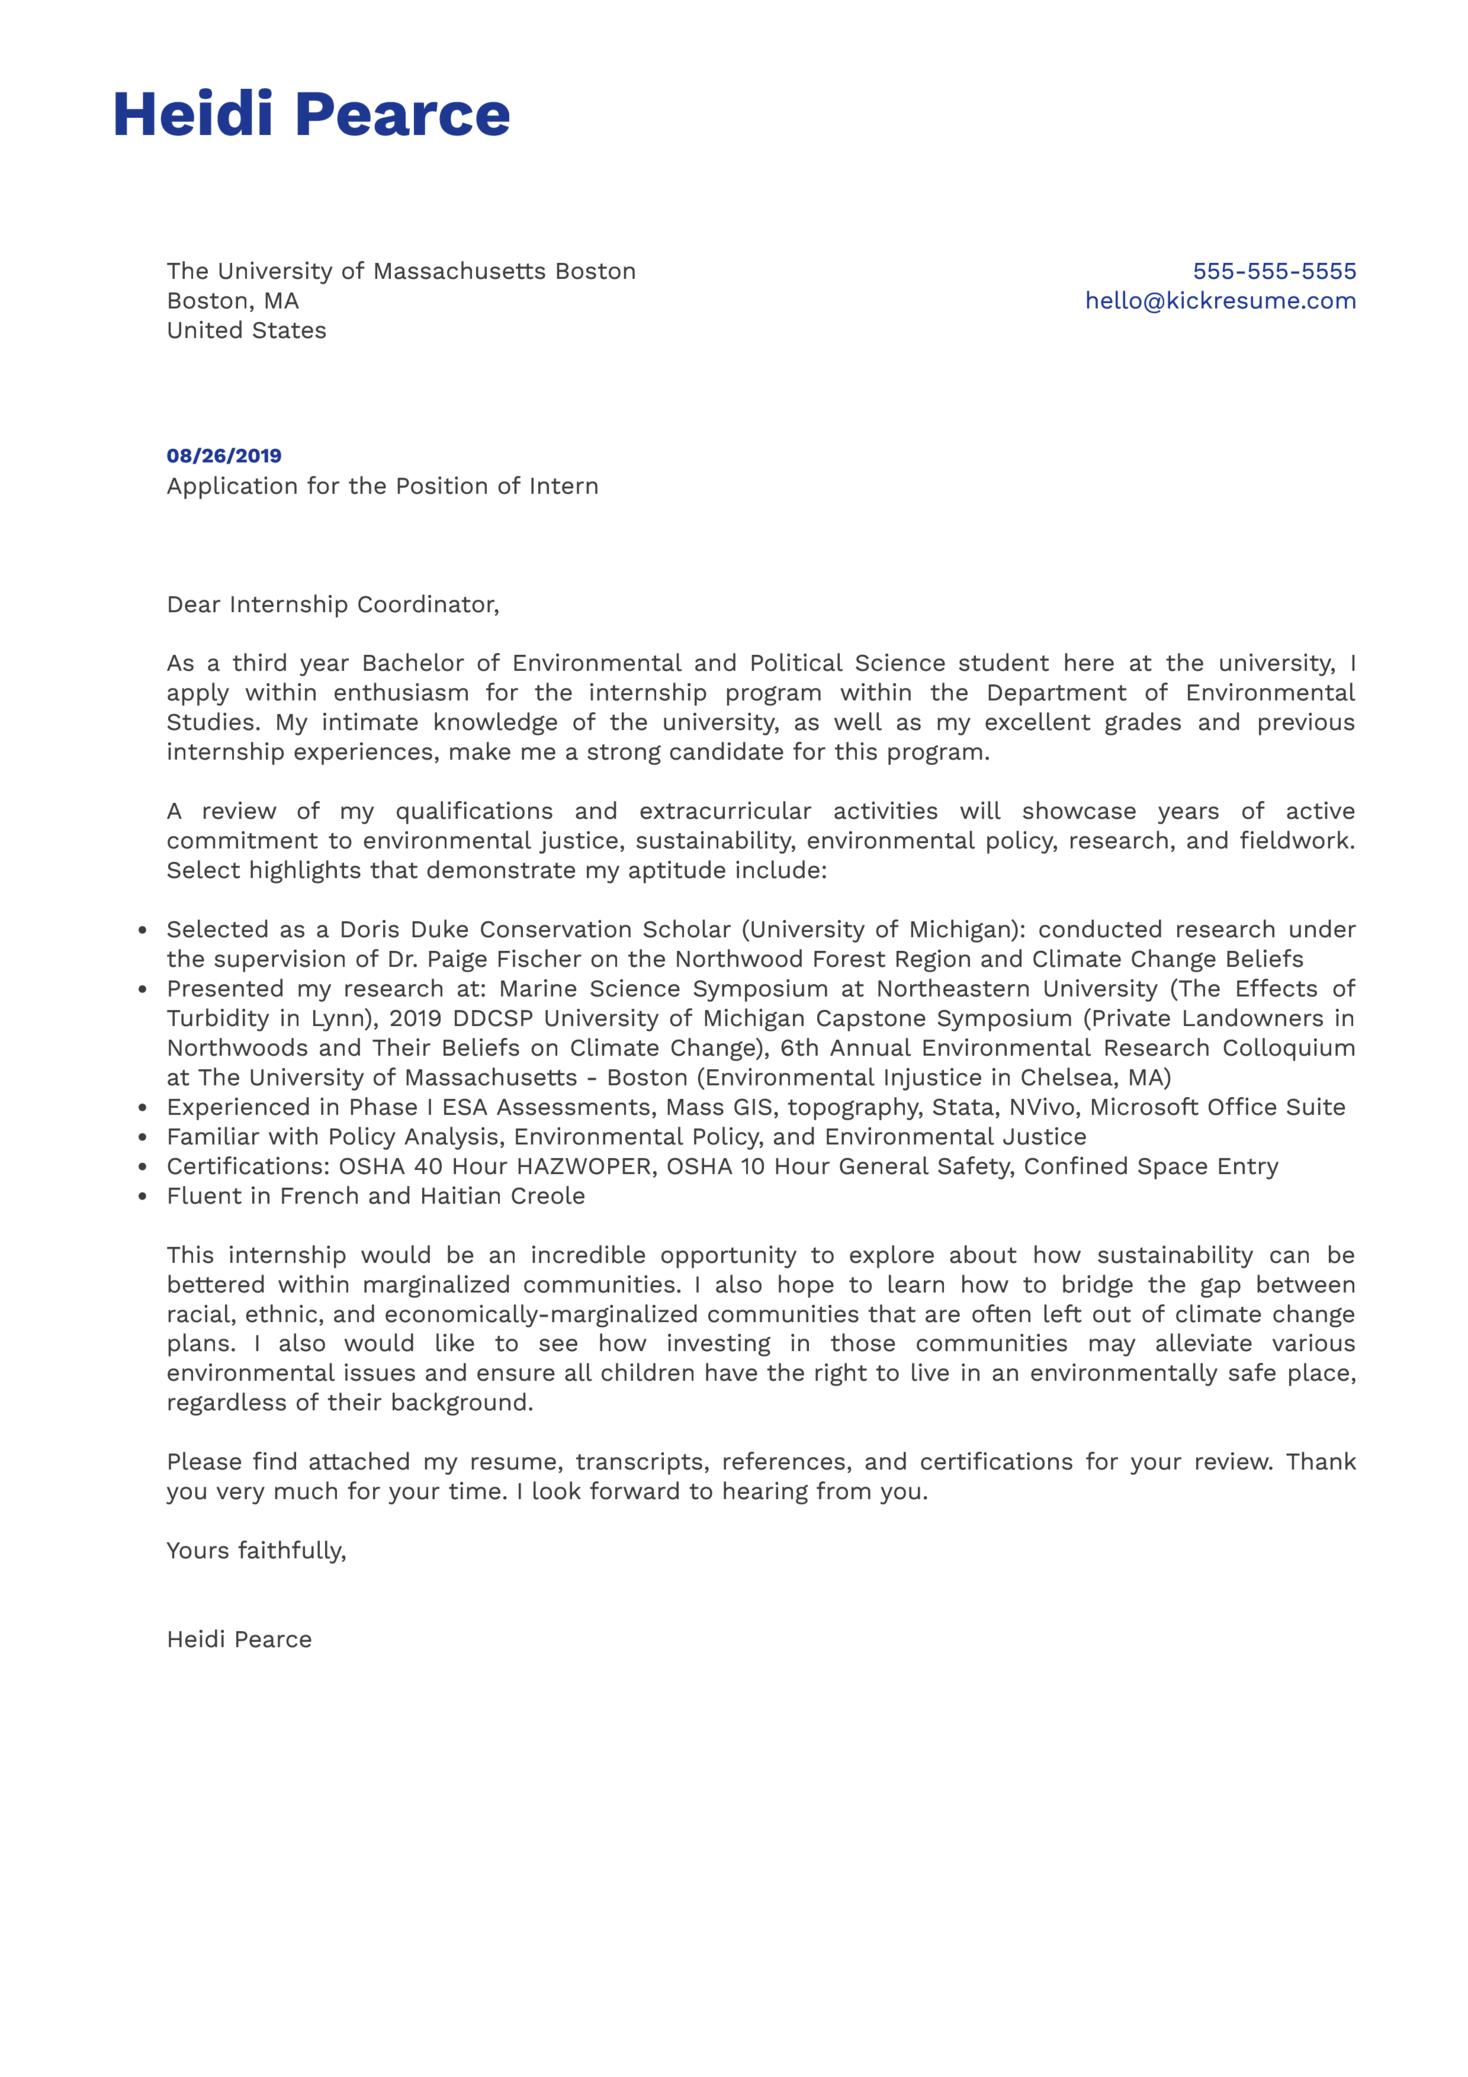 University of Massachusetts Boston Intern Cover Letter Example